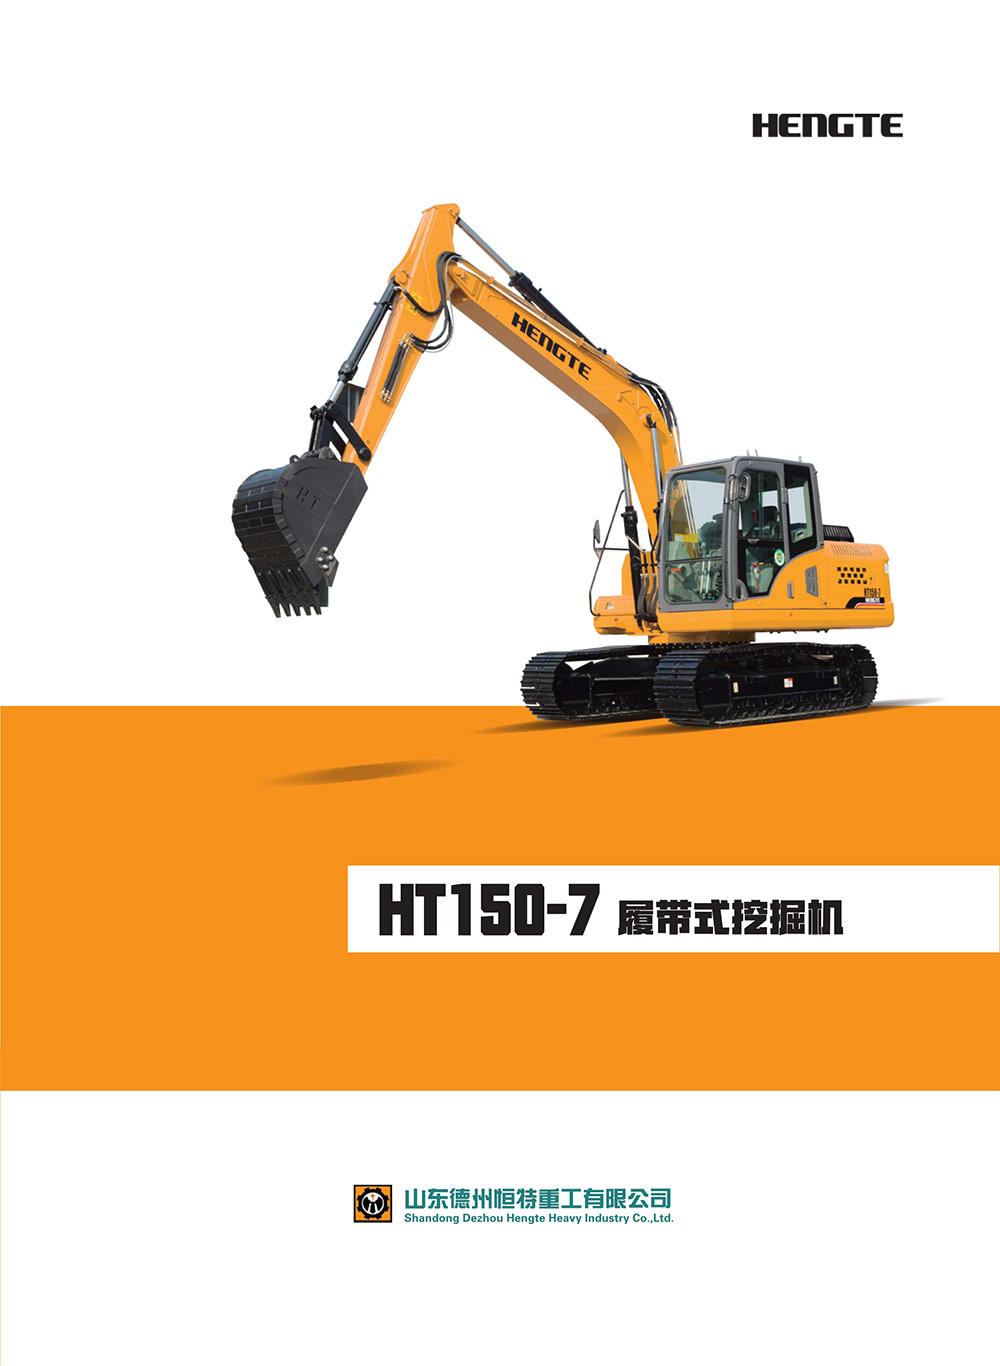 恒特HT150-7履带式挖掘机电子样本